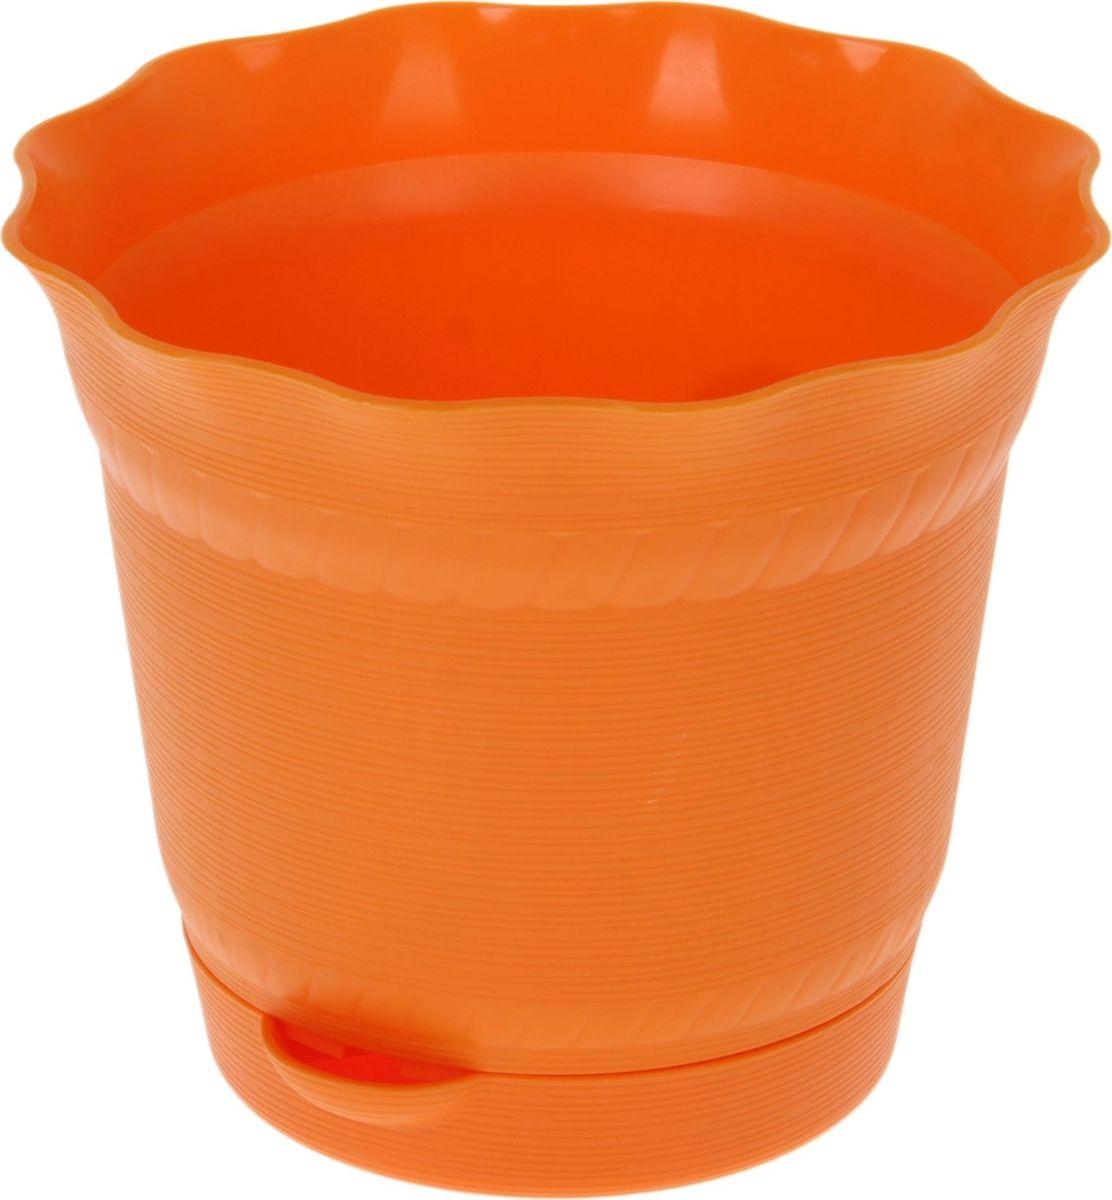 Горшок для цветов ТЕК.А.ТЕК Aquarelle, с поддоном, цвет: светло-оранжевый, 1,7 л1141571Любой, даже самый современный и продуманный интерьер будет не завершённым без растений. Они не только очищают воздух и насыщают его кислородом, но и заметно украшают окружающее пространство. Такому полезному &laquo члену семьи&raquoпросто необходимо красивое и функциональное кашпо, оригинальный горшок или необычная ваза! Мы предлагаем - Горшок для цветов с поддоном 1,7 л Aquarelle d=17 см, цвет светло-оранжевый!Оптимальный выбор материала &mdash &nbsp пластмасса! Почему мы так считаем? Малый вес. С лёгкостью переносите горшки и кашпо с места на место, ставьте их на столики или полки, подвешивайте под потолок, не беспокоясь о нагрузке. Простота ухода. Пластиковые изделия не нуждаются в специальных условиях хранения. Их&nbsp легко чистить &mdashдостаточно просто сполоснуть тёплой водой. Никаких царапин. Пластиковые кашпо не царапают и не загрязняют поверхности, на которых стоят. Пластик дольше хранит влагу, а значит &mdashрастение реже нуждается в поливе. Пластмасса не пропускает воздух &mdashкорневой системе растения не грозят резкие перепады температур. Огромный выбор форм, декора и расцветок &mdashвы без труда подберёте что-то, что идеально впишется в уже существующий интерьер.Соблюдая нехитрые правила ухода, вы можете заметно продлить срок службы горшков, вазонов и кашпо из пластика: всегда учитывайте размер кроны и корневой системы растения (при разрастании большое растение способно повредить маленький горшок)берегите изделие от воздействия прямых солнечных лучей, чтобы кашпо и горшки не выцветалидержите кашпо и горшки из пластика подальше от нагревающихся поверхностей.Создавайте прекрасные цветочные композиции, выращивайте рассаду или необычные растения, а низкие цены позволят вам не ограничивать себя в выборе.